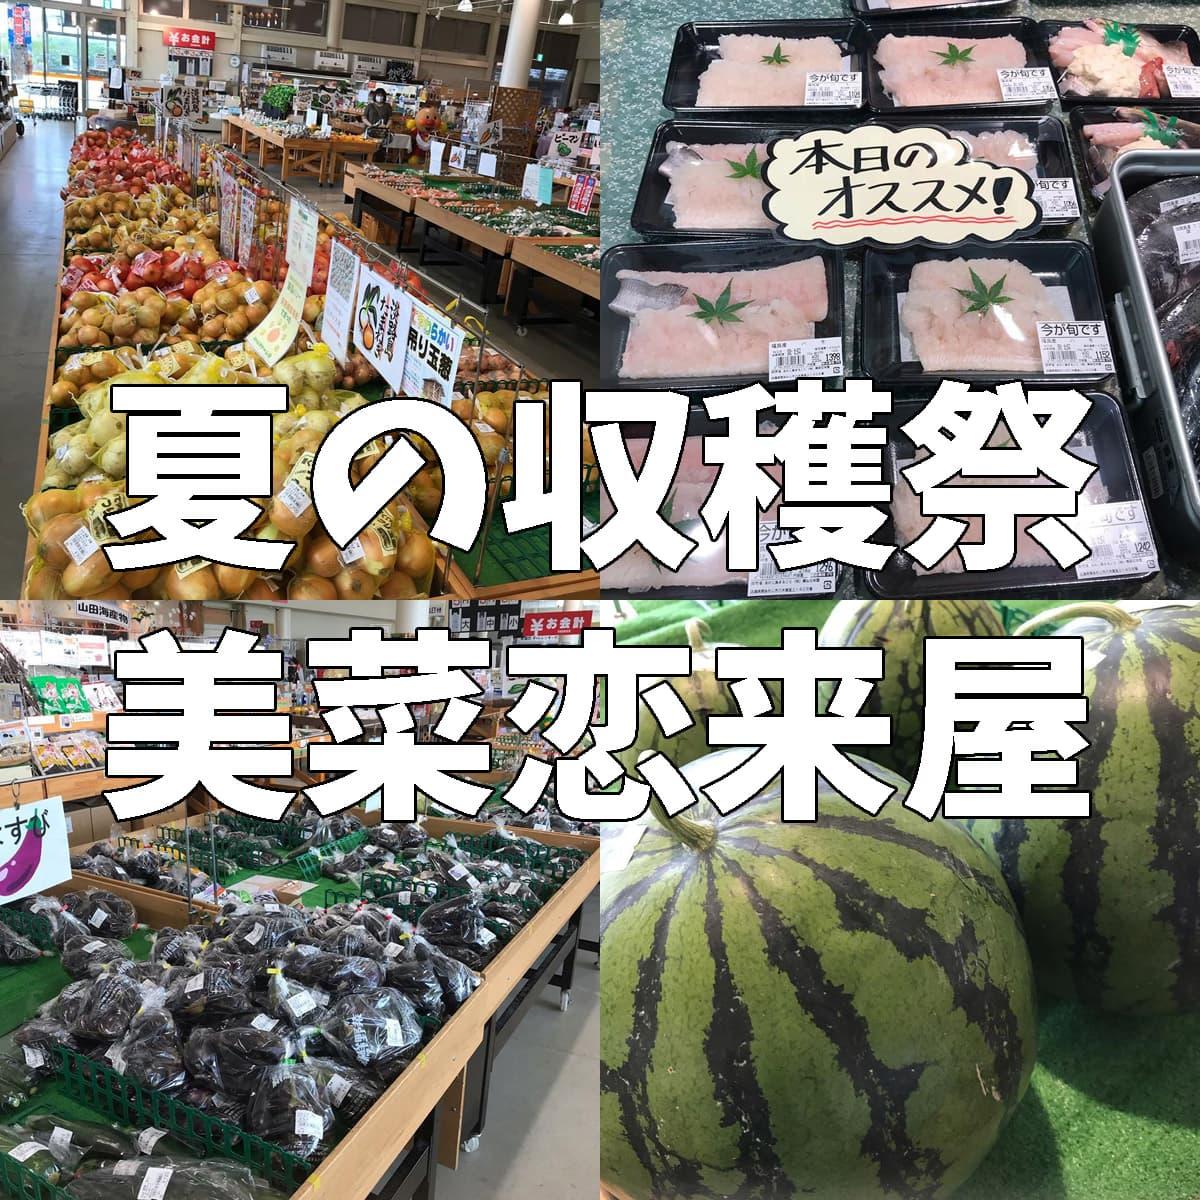 夏の収穫祭 美菜恋来屋